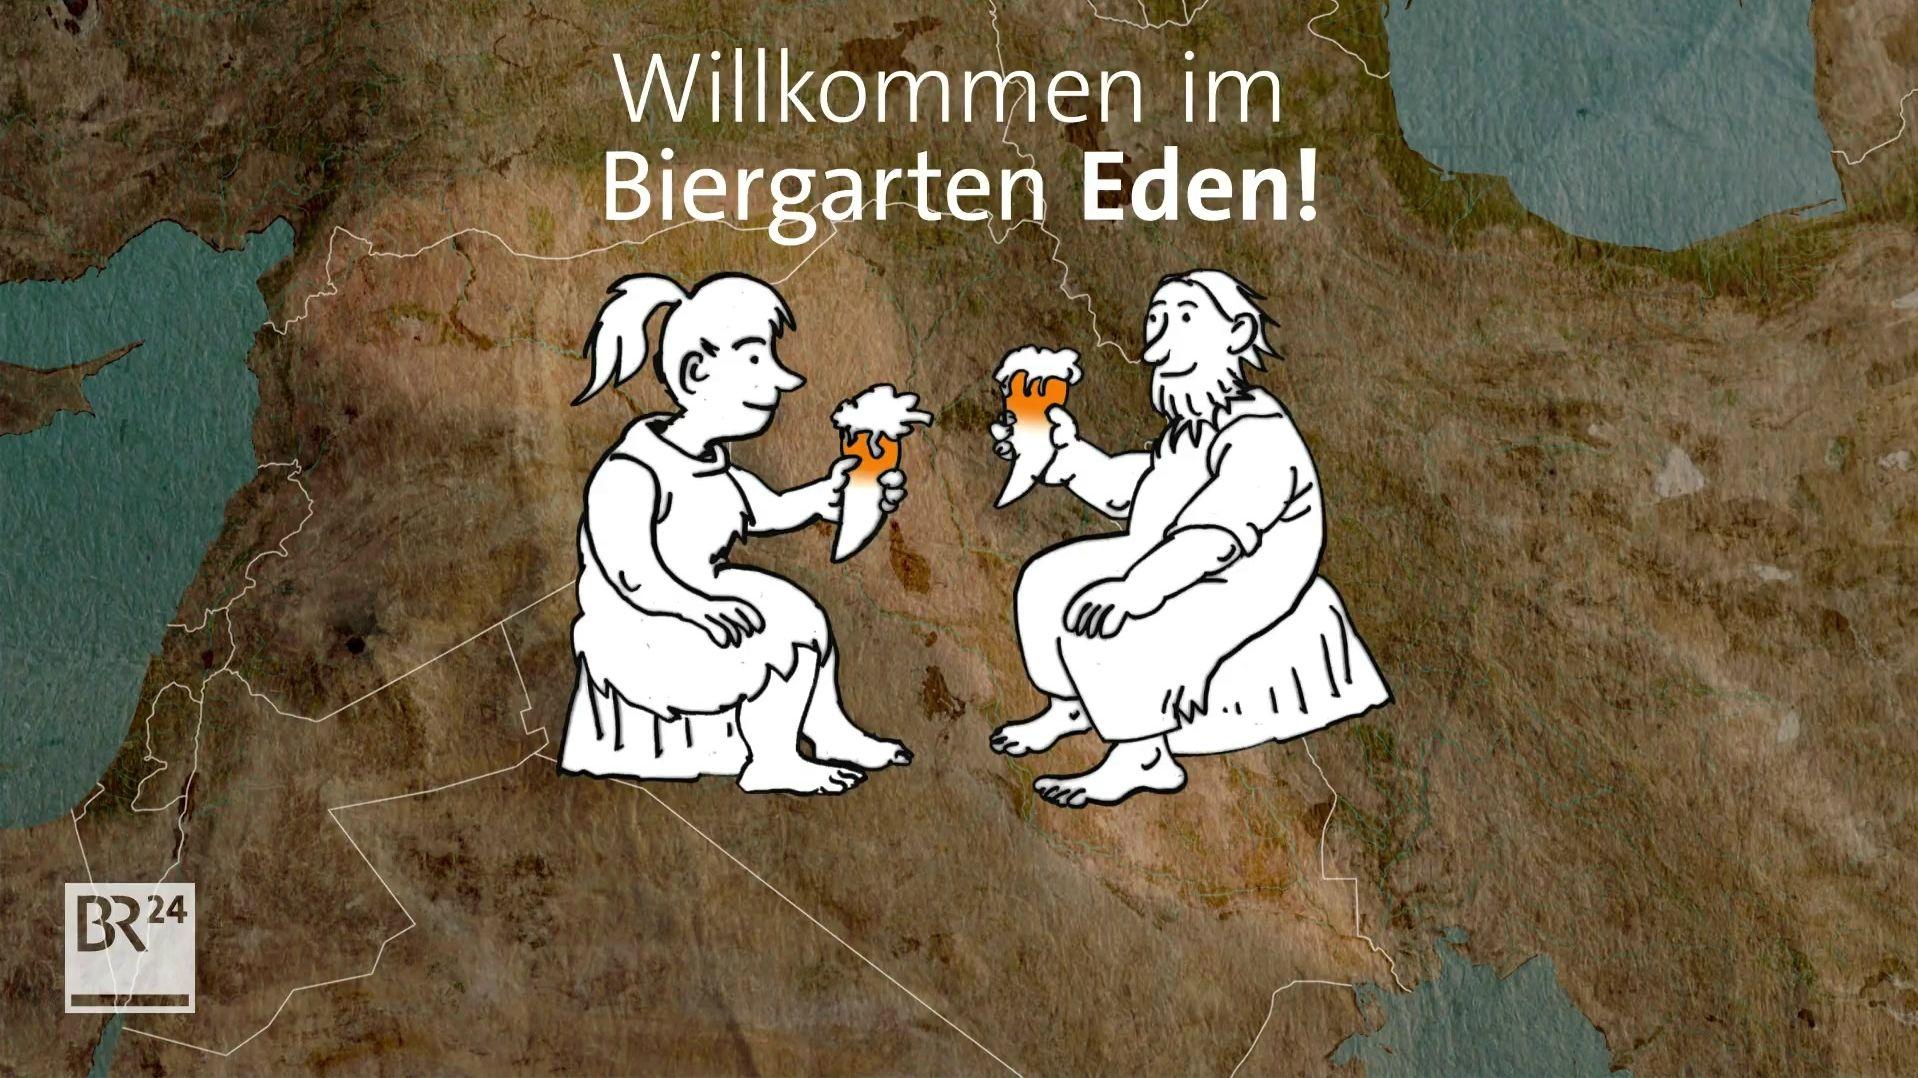 Grafik Biergarten Eden